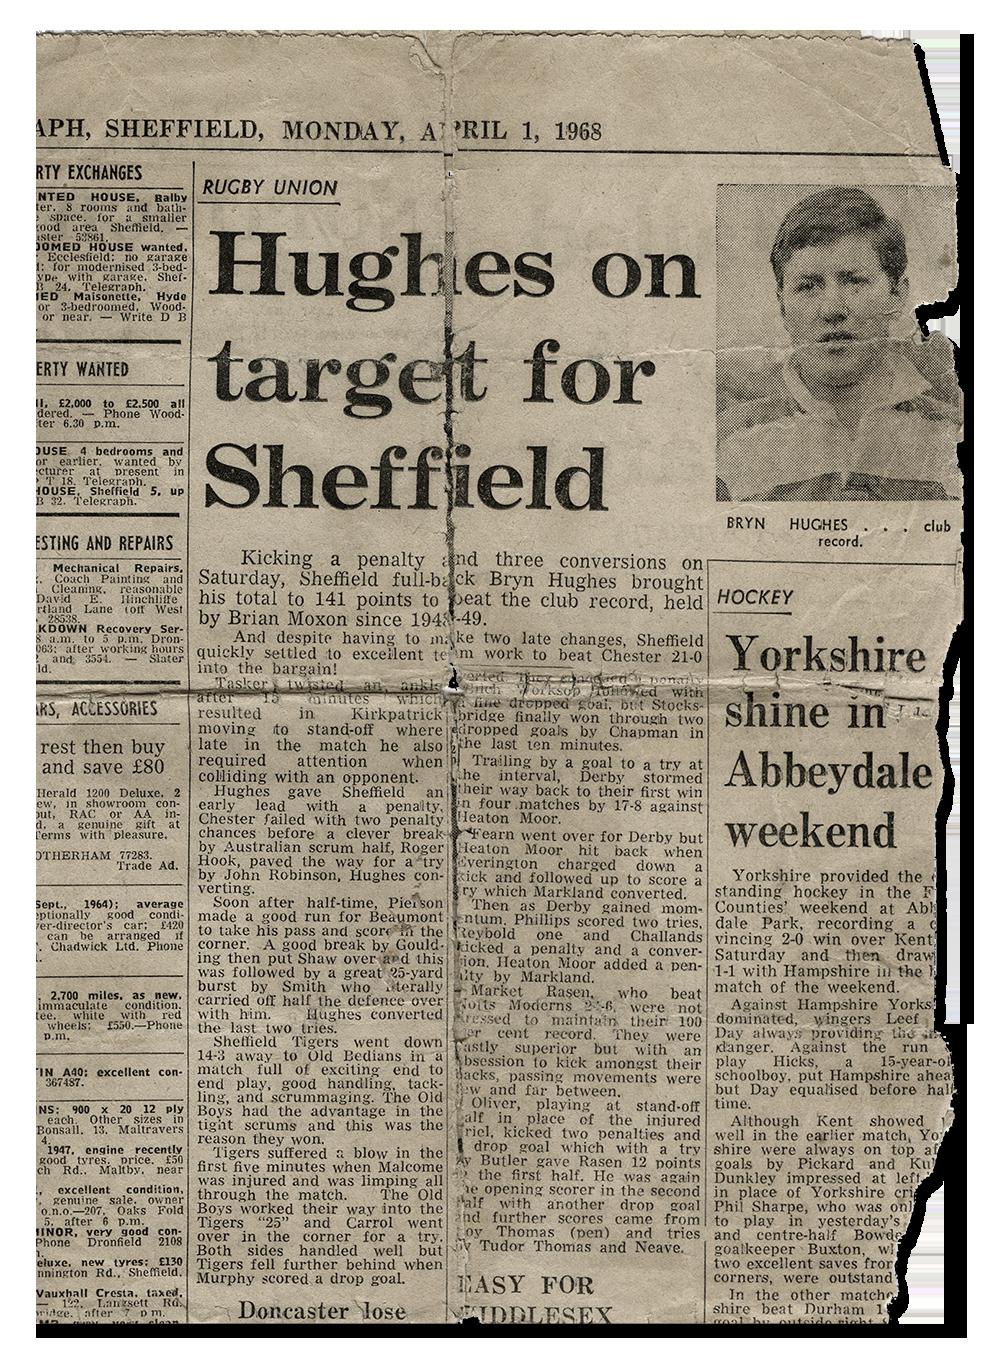 BrynHughes-Newspaper.jpg